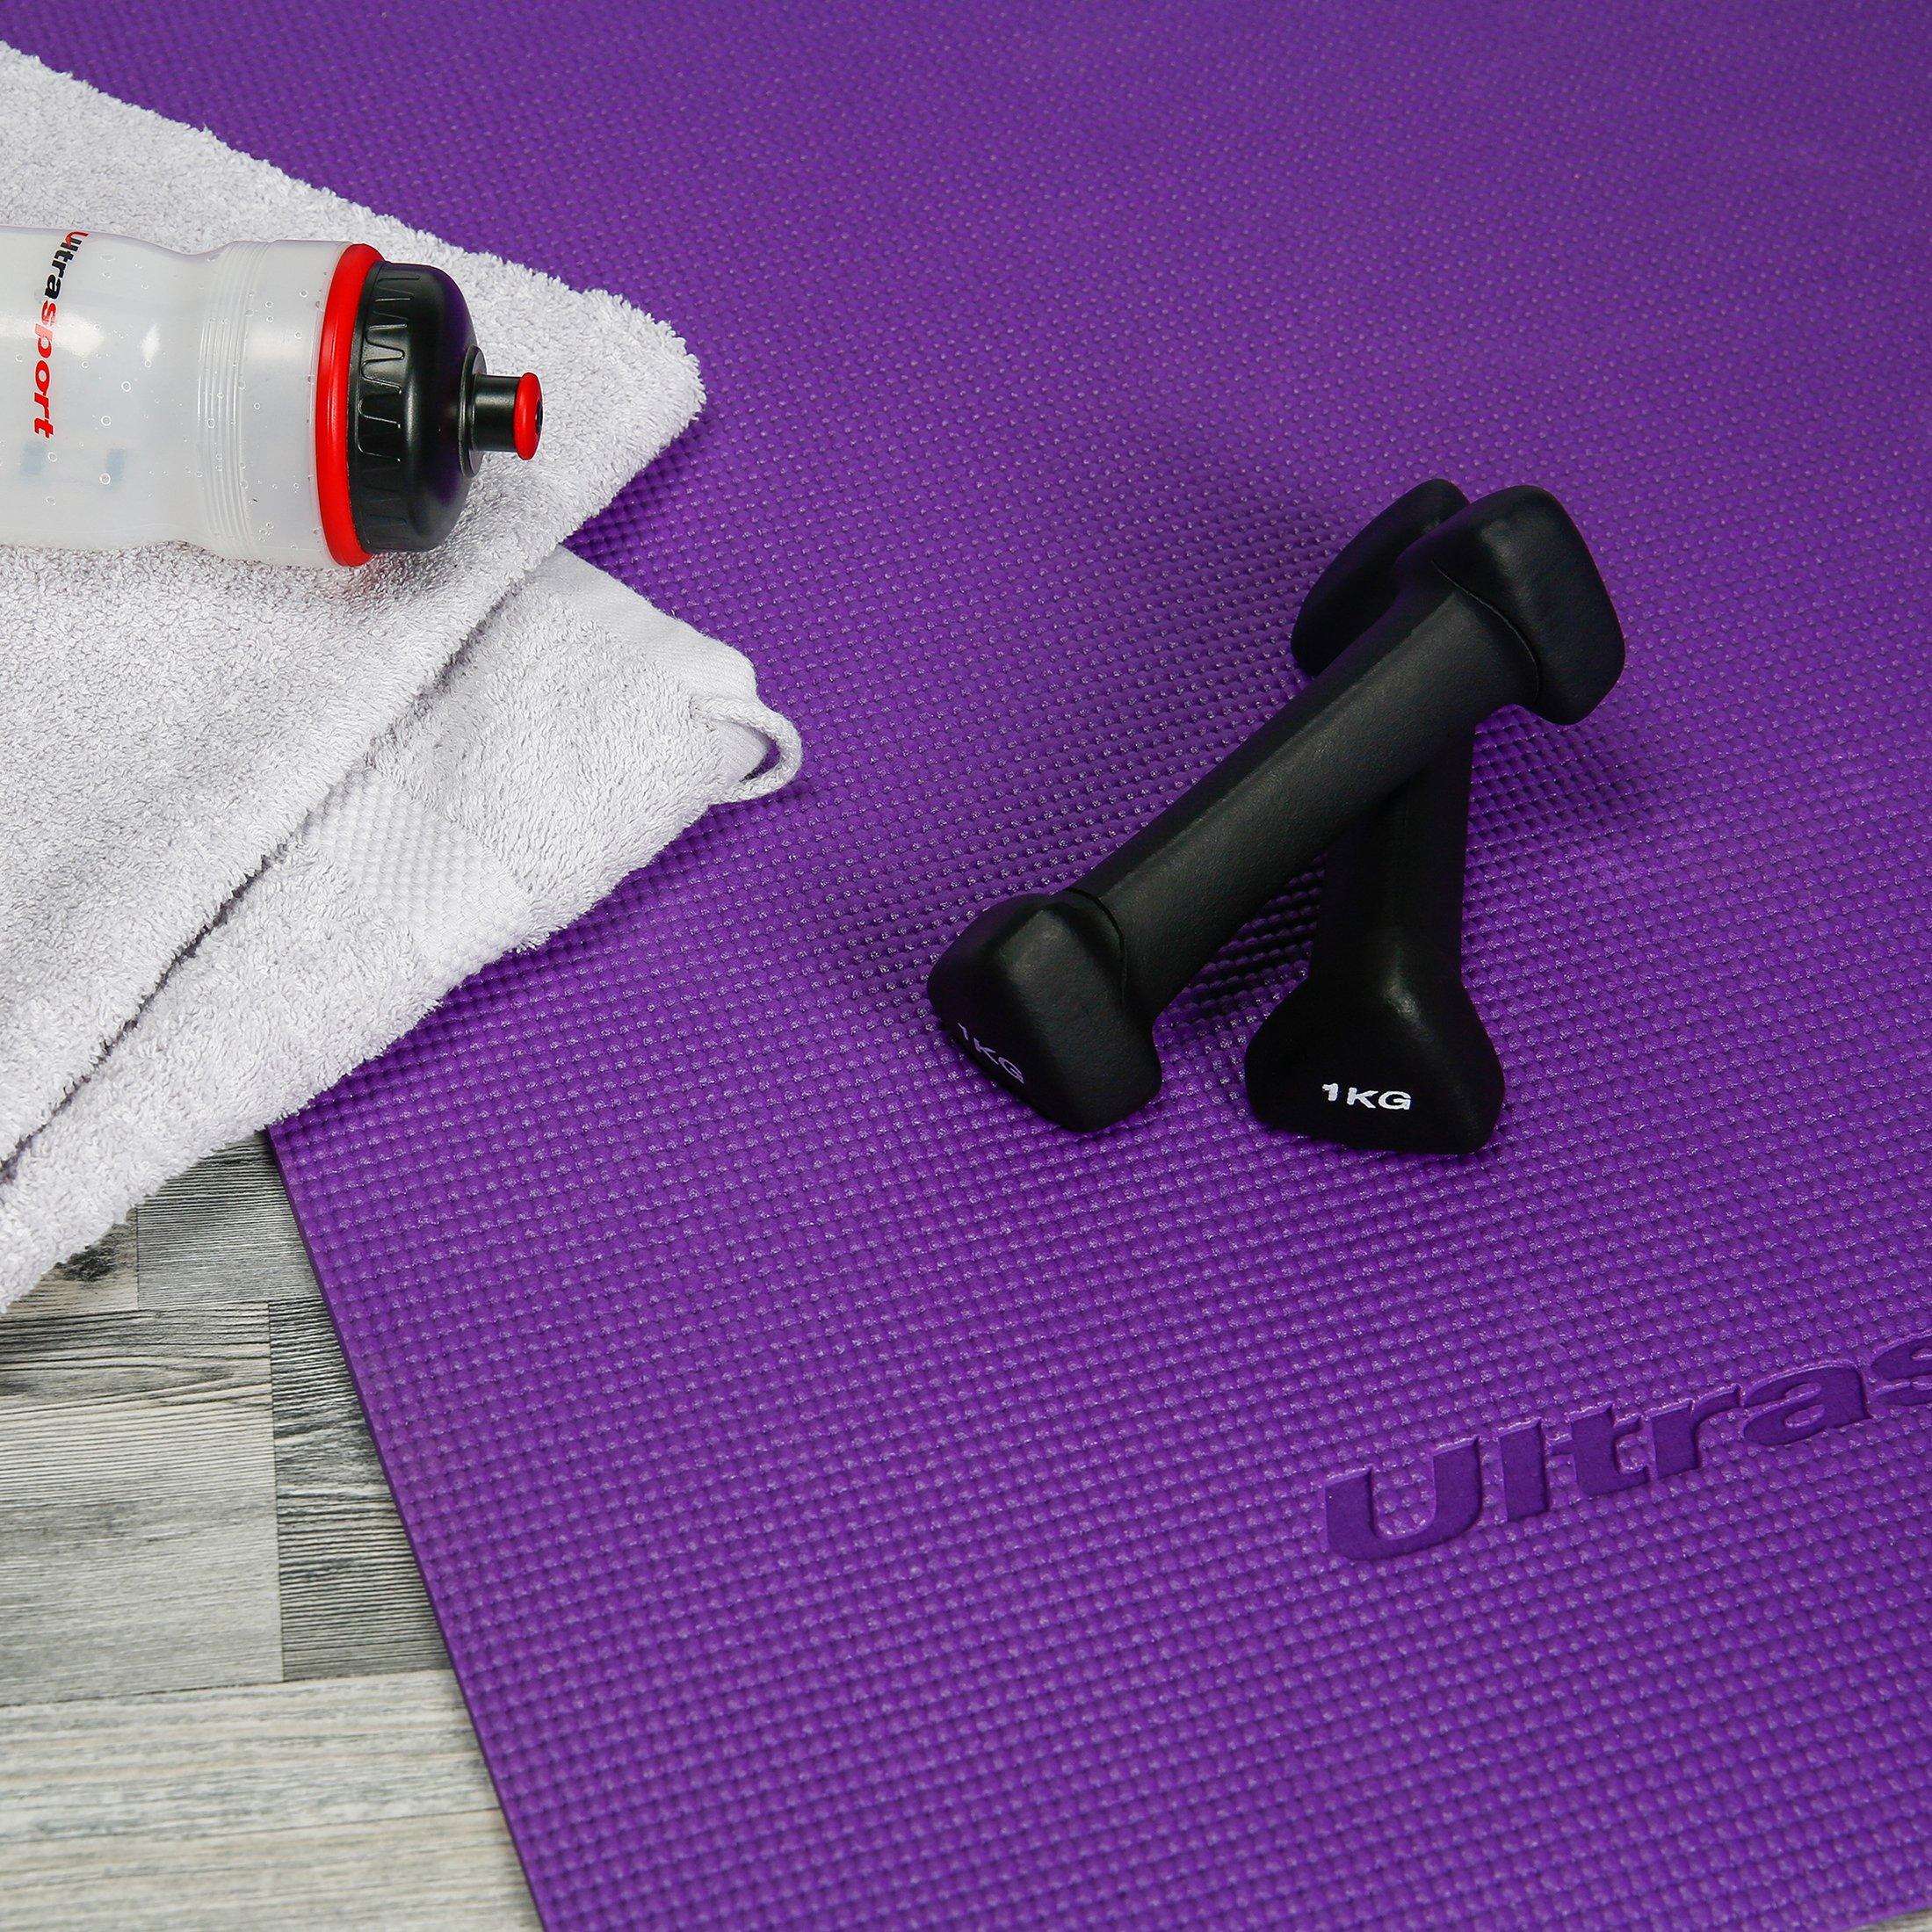 id/éal pour sentra/îner chez soi Ultrasport Halt/ères en n/éopr/ène avec poign/ée Soft Touch 1 kg, 2 kg et 3 kg ou en kit avec support halt/ères de gymnastique disponibles dans diff/érents tailles